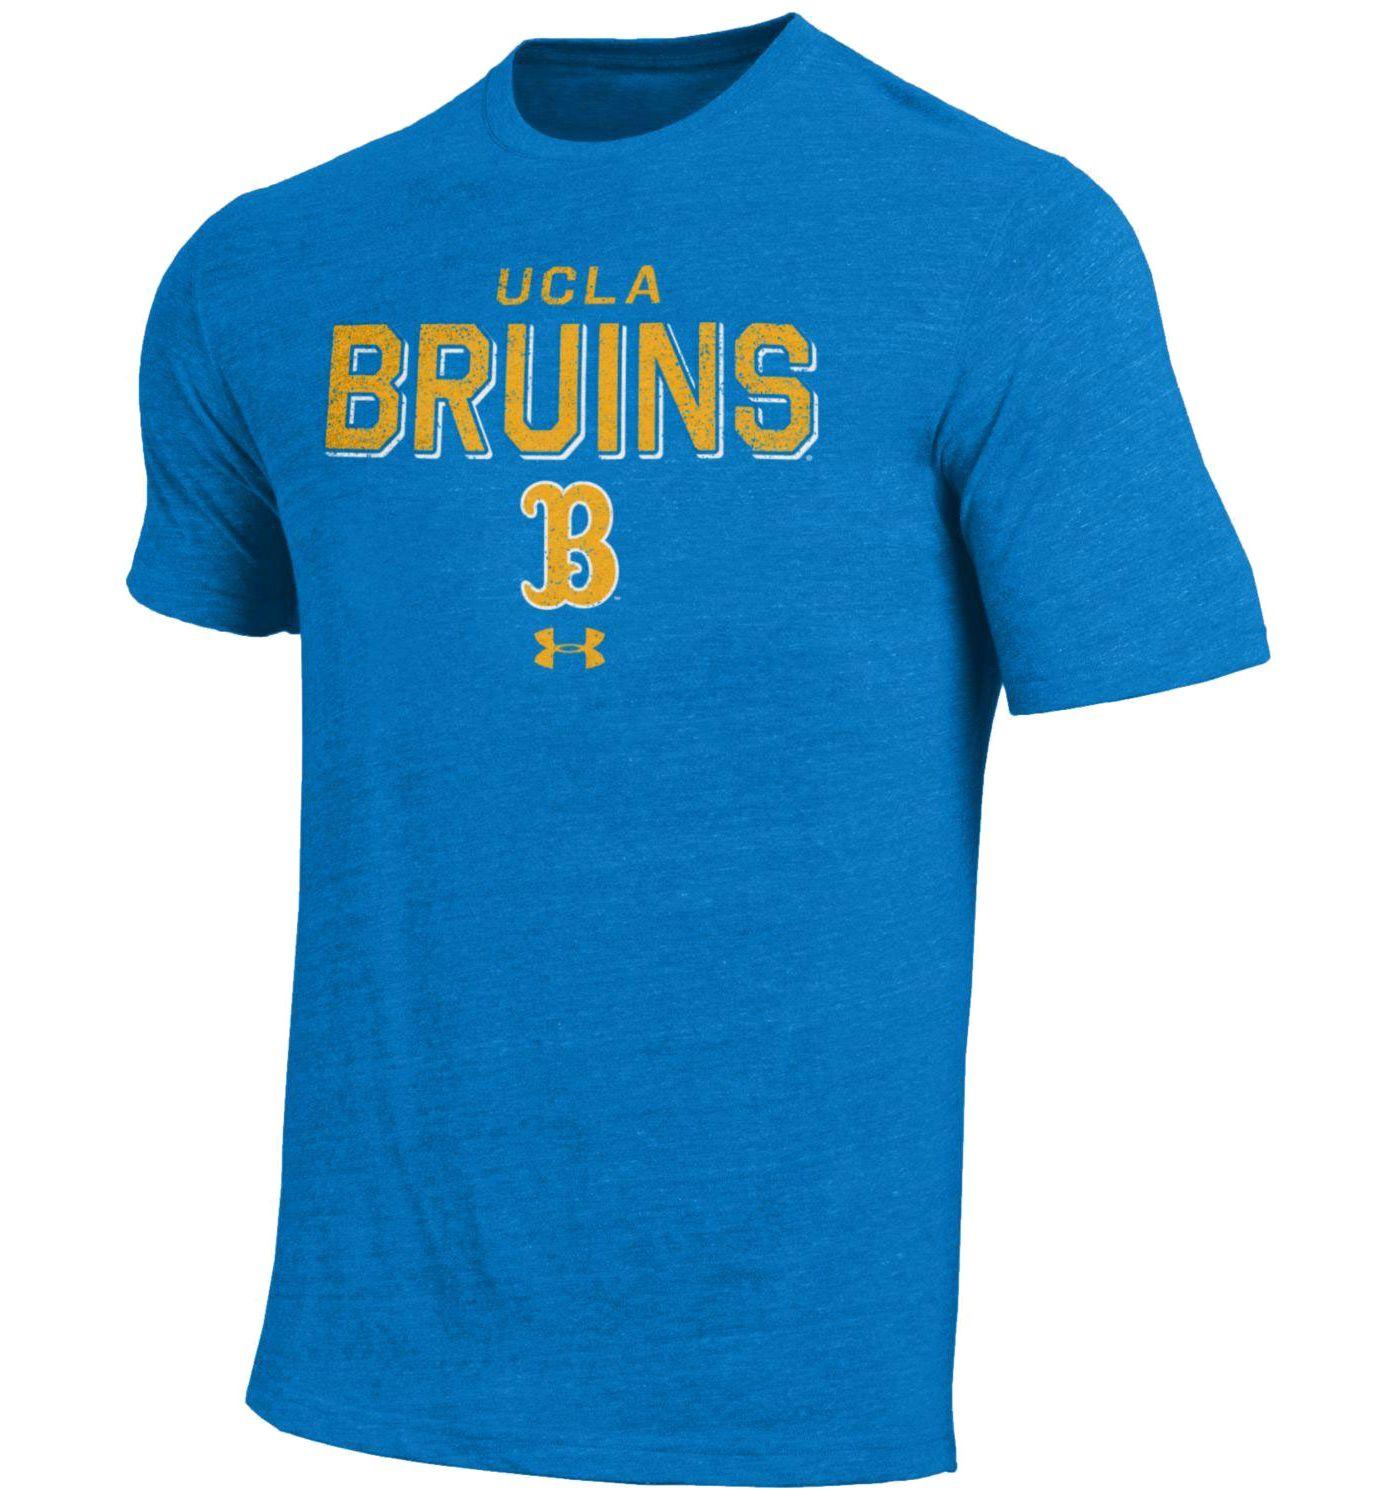 Under Armour Men's UCLA Bruins True Blue Tri-Blend Short Sleeve Performance T-Shirt